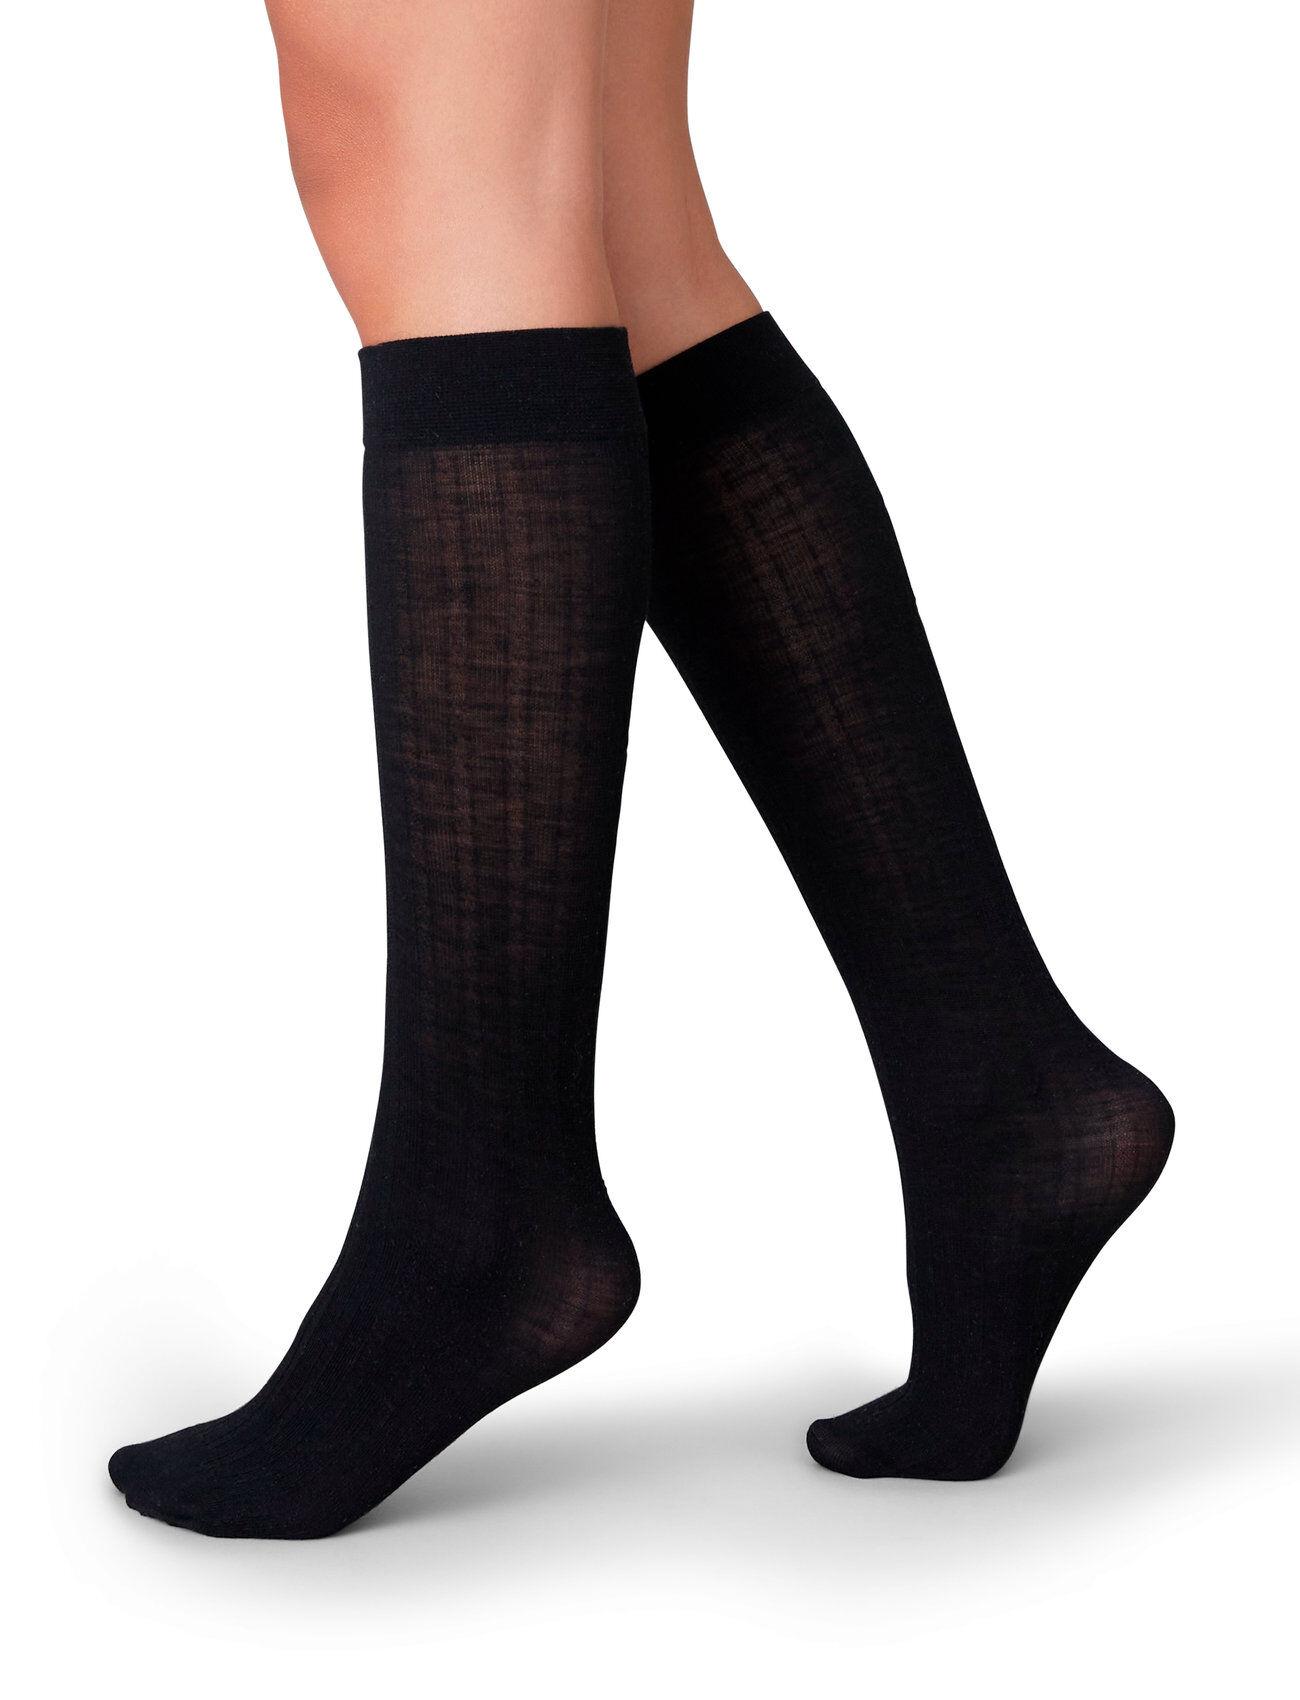 Swedish Stockings Freja Knee-High Lingerie Hosiery Knee High Socks Musta Swedish Stockings